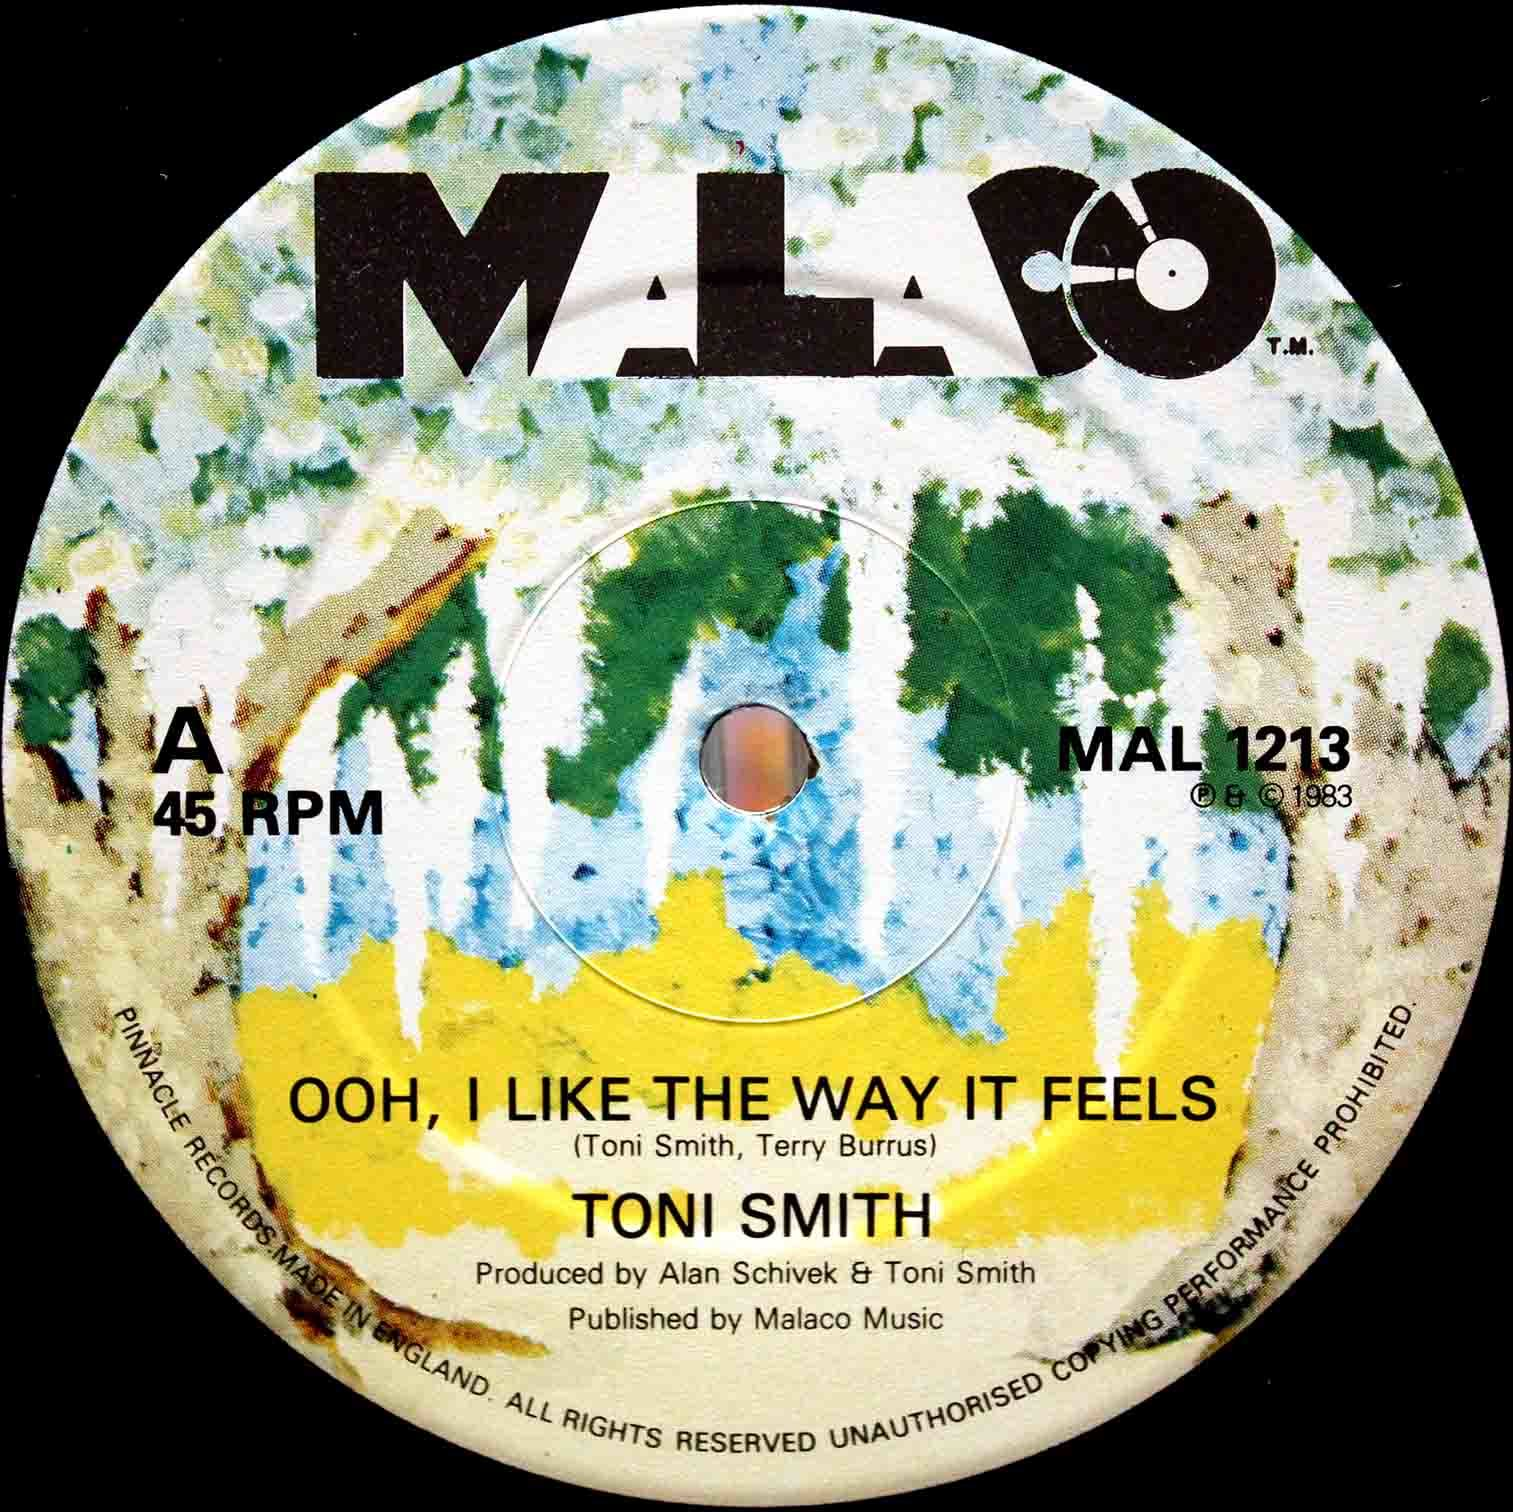 Toni Smith – Ooh, I Like The Way It Feels 03